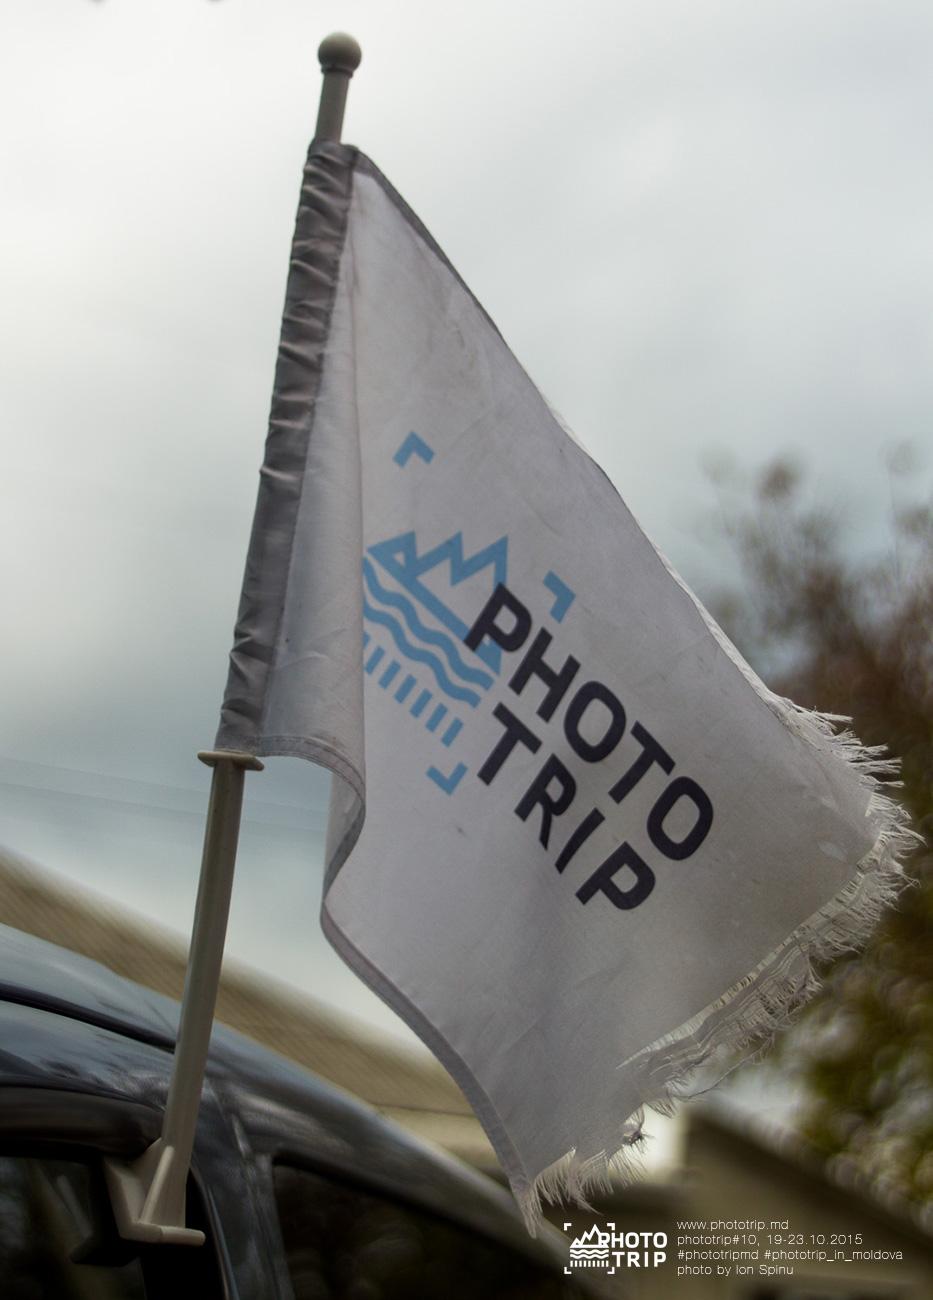 phototrip-moldova-rybalev-2